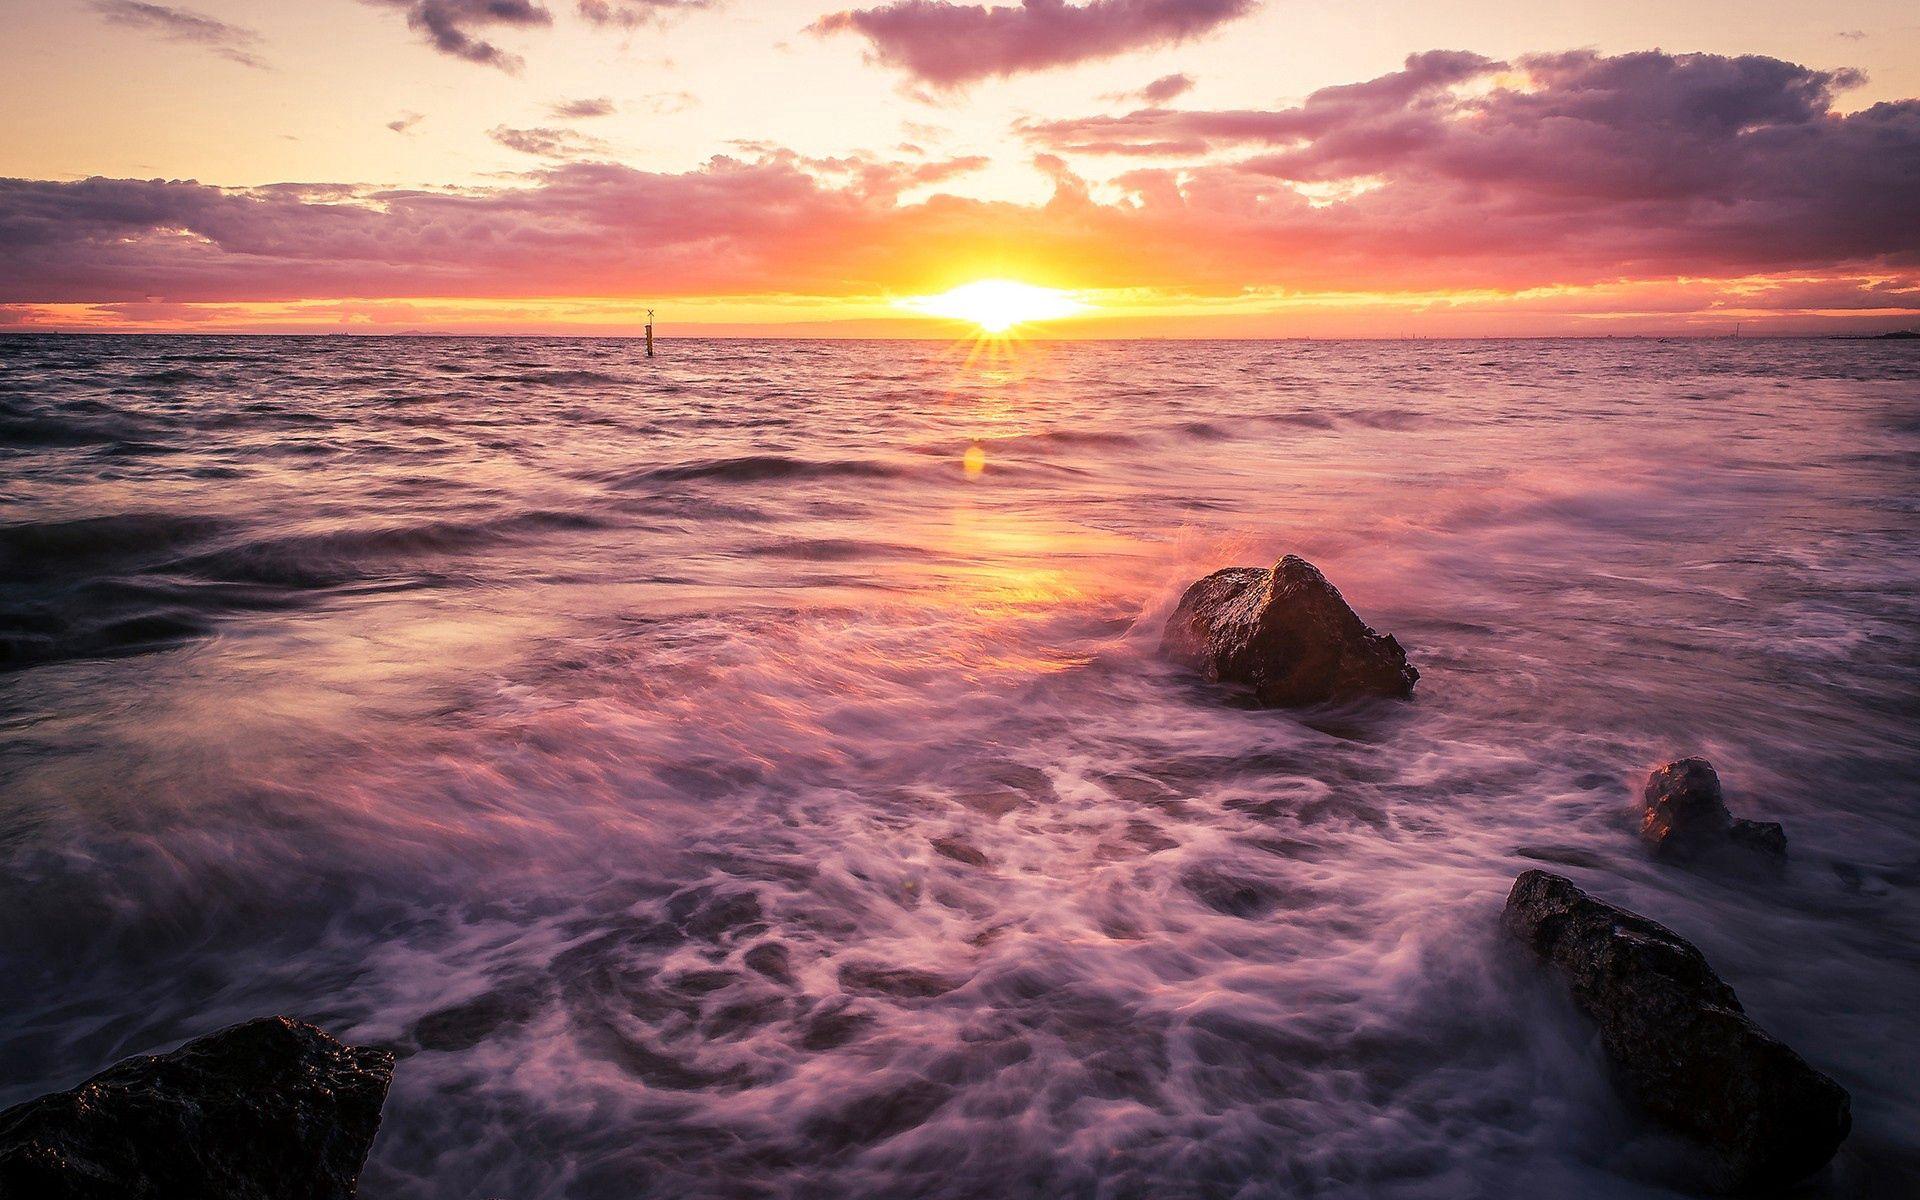 104822 скачать обои Природа, Море, Прибой, Закат - заставки и картинки бесплатно